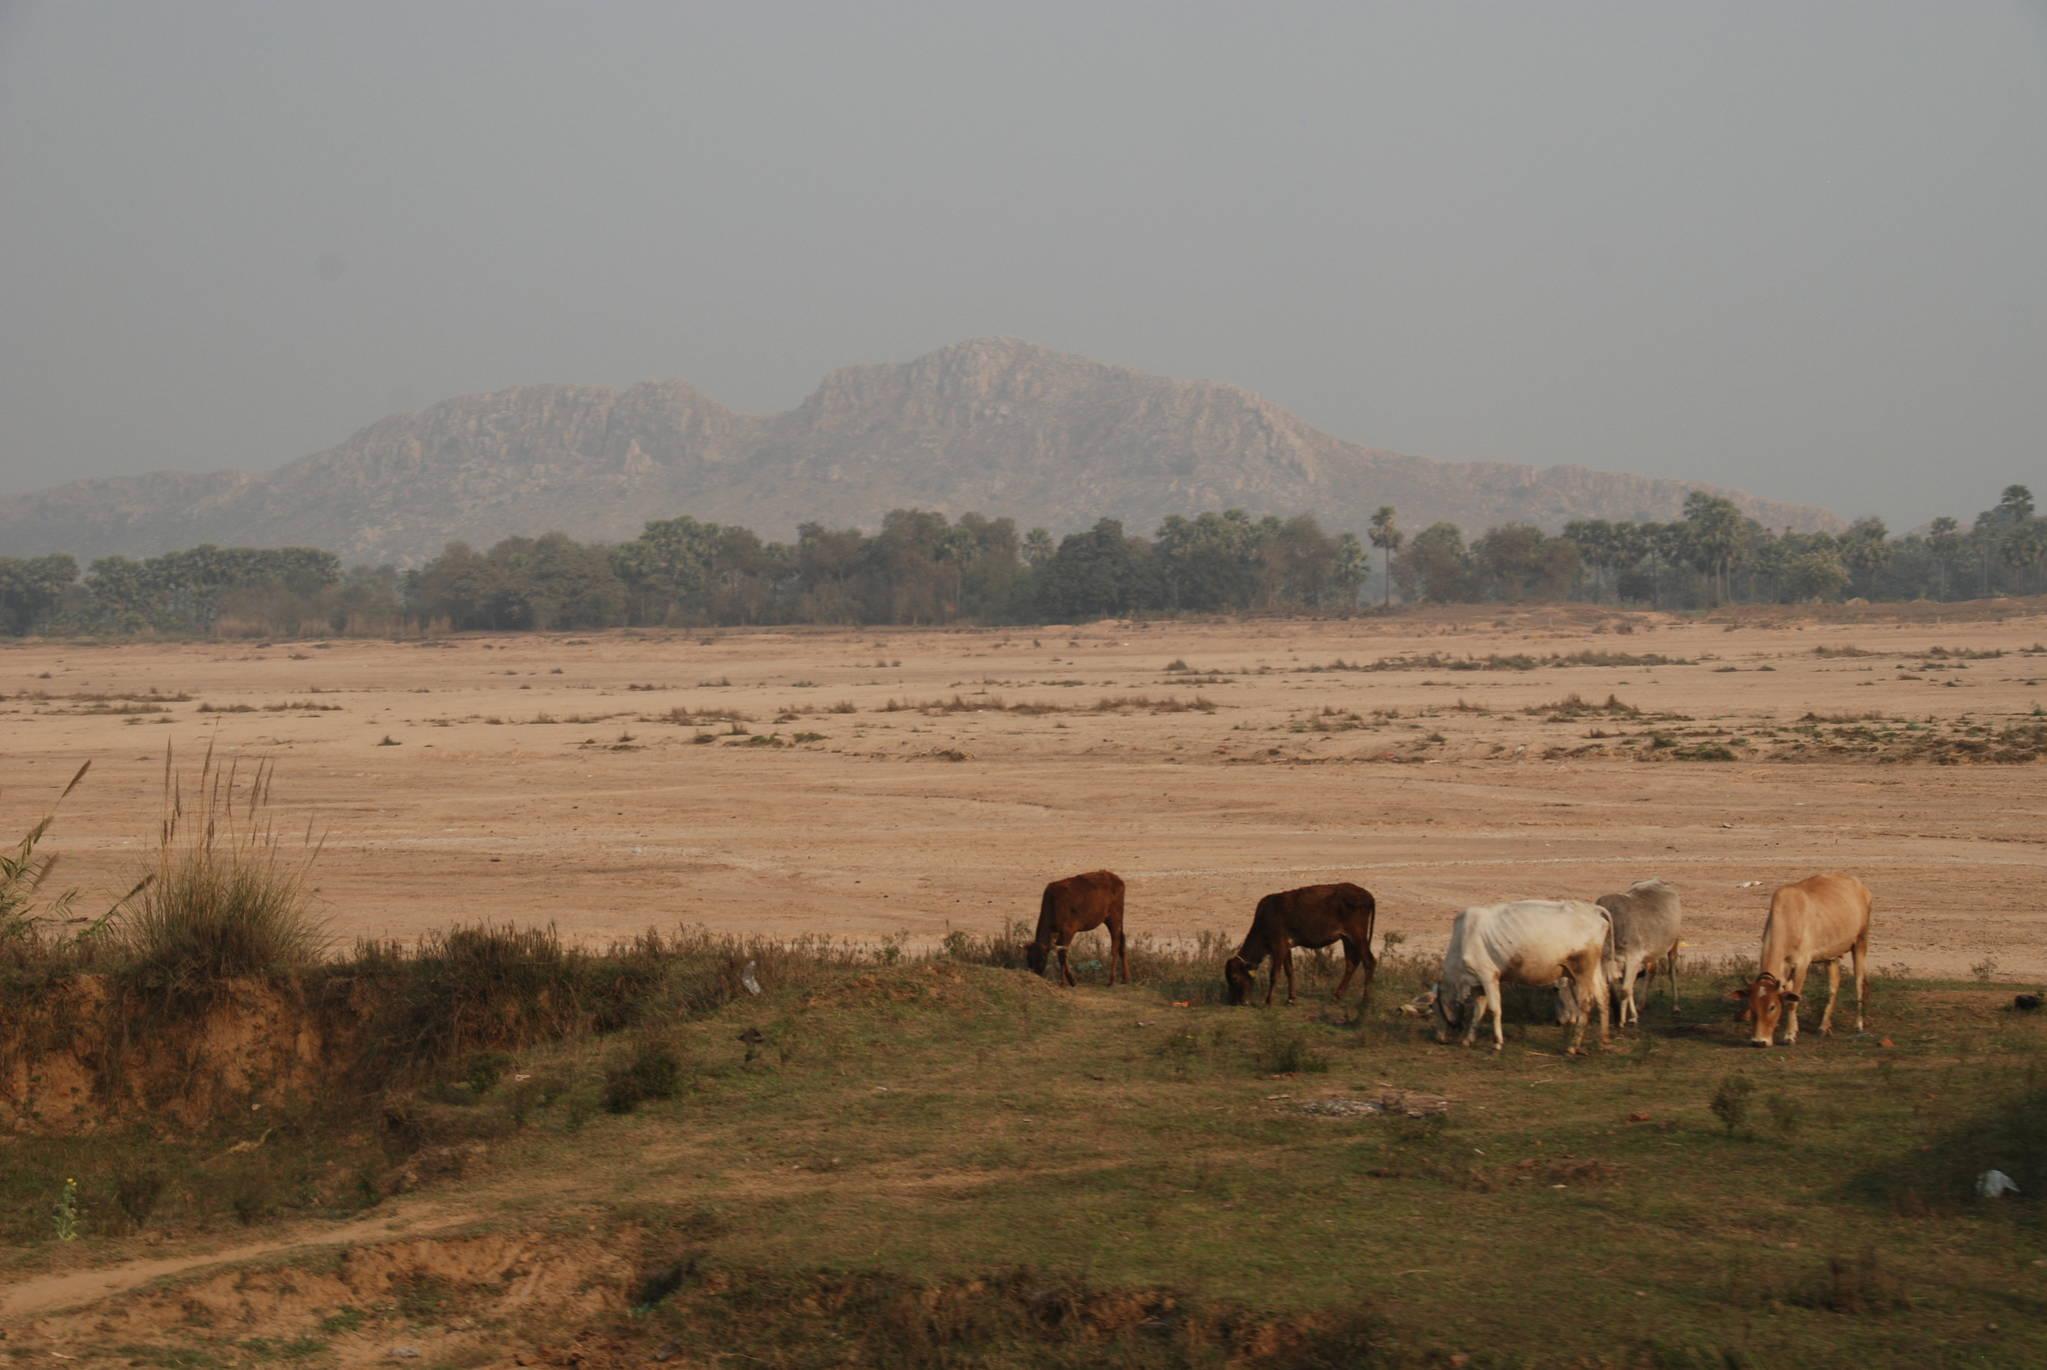 인도 보드가야의 네란자라 강. 건너편에 싯다르타가 수행했다는 동굴이 있는 바위산이 보인다. 백성호 기자